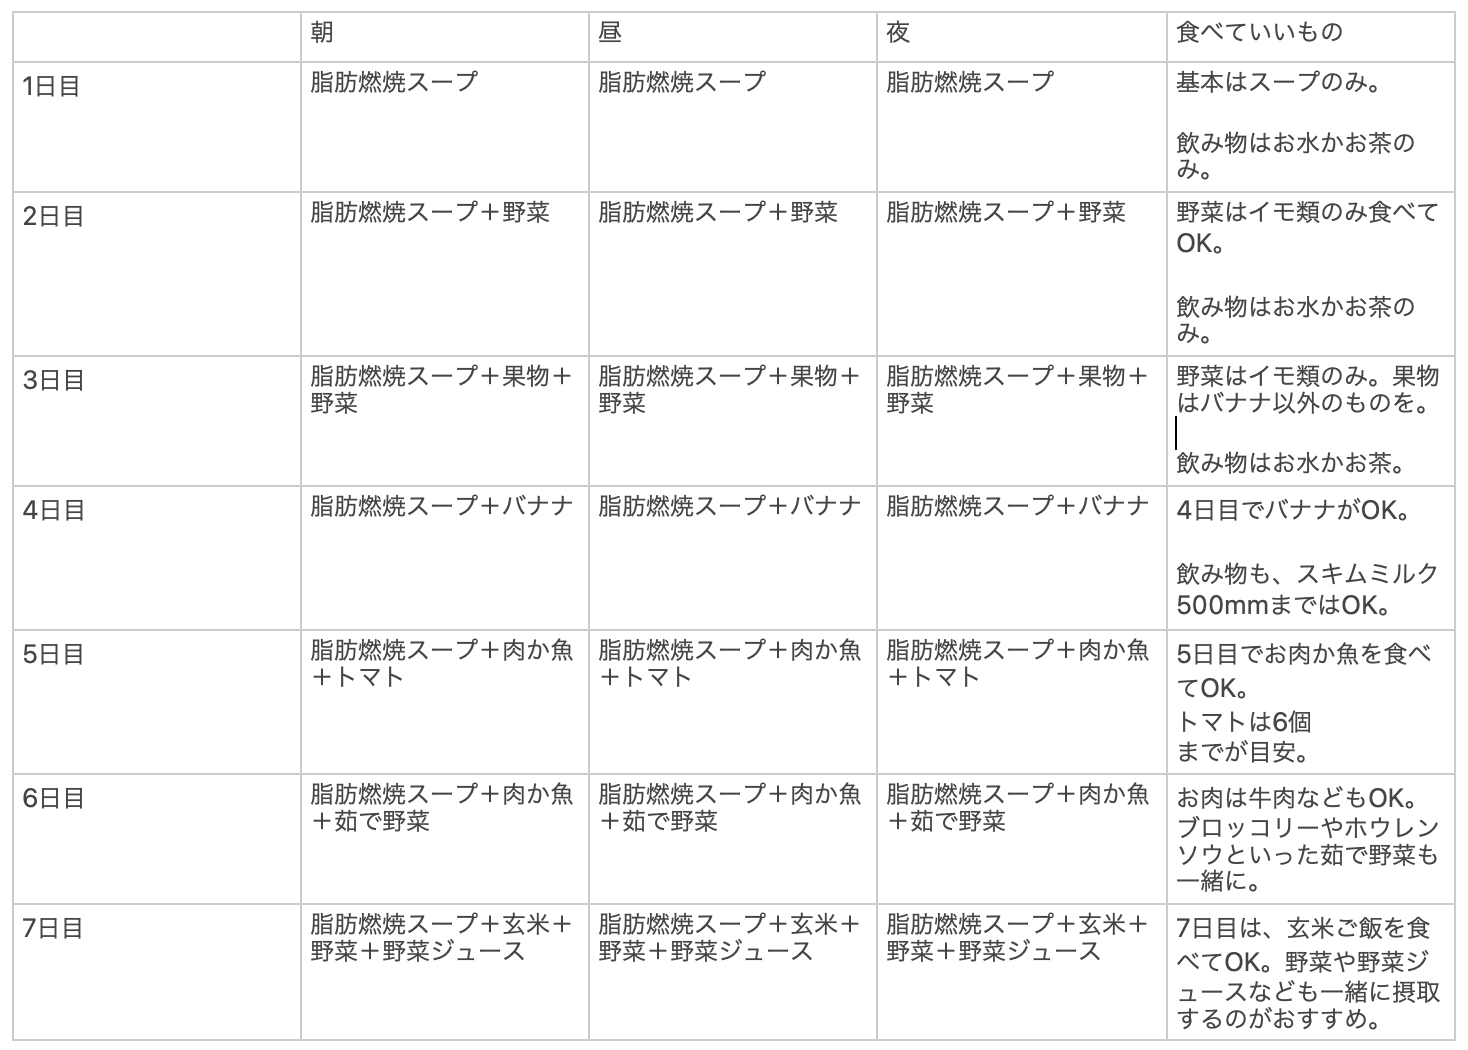 スクリーンショット 2021-09-16 15.05.50.png